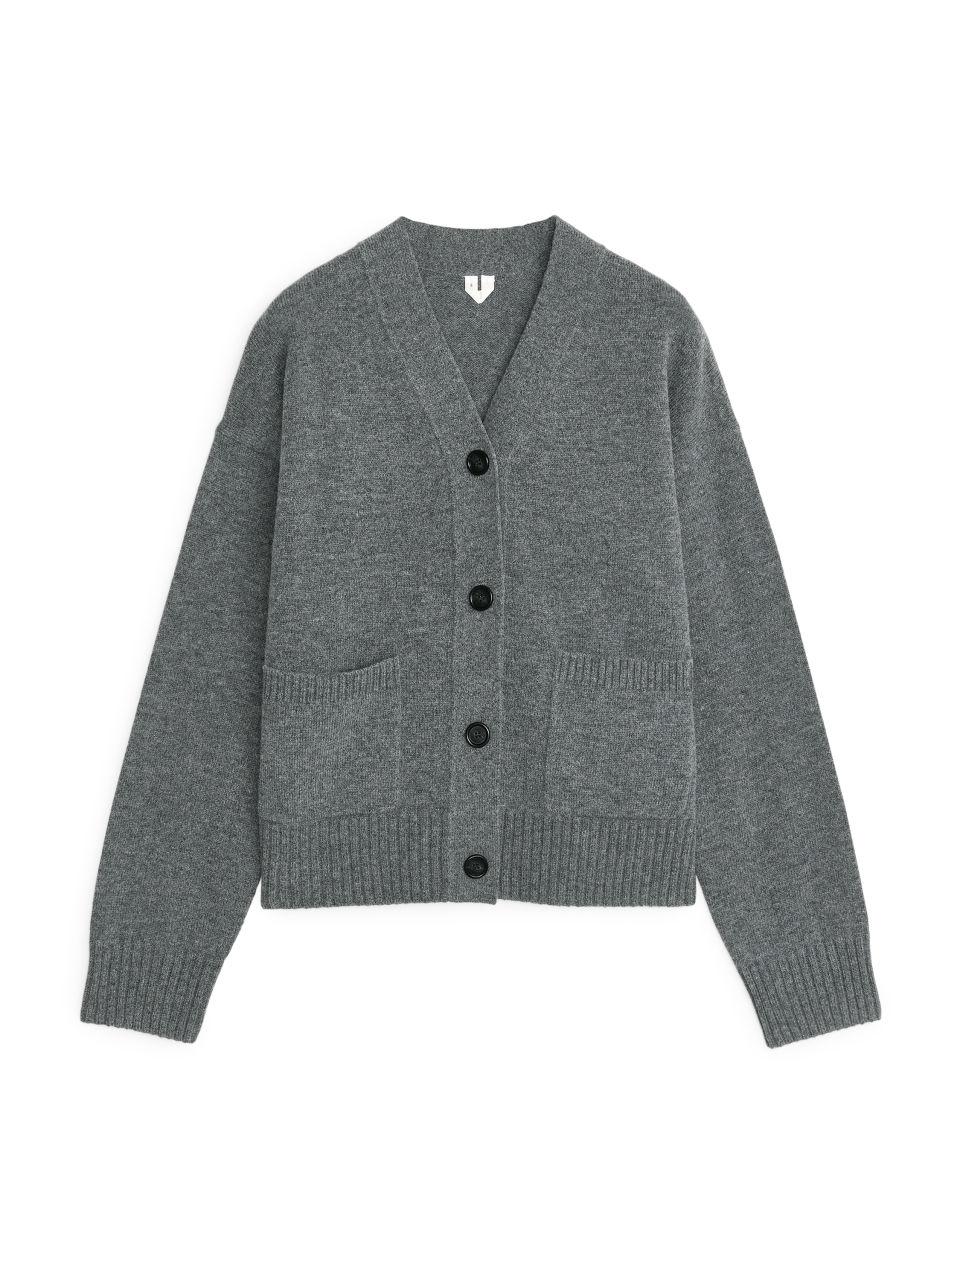 Wool Blend Cardigan - Grey